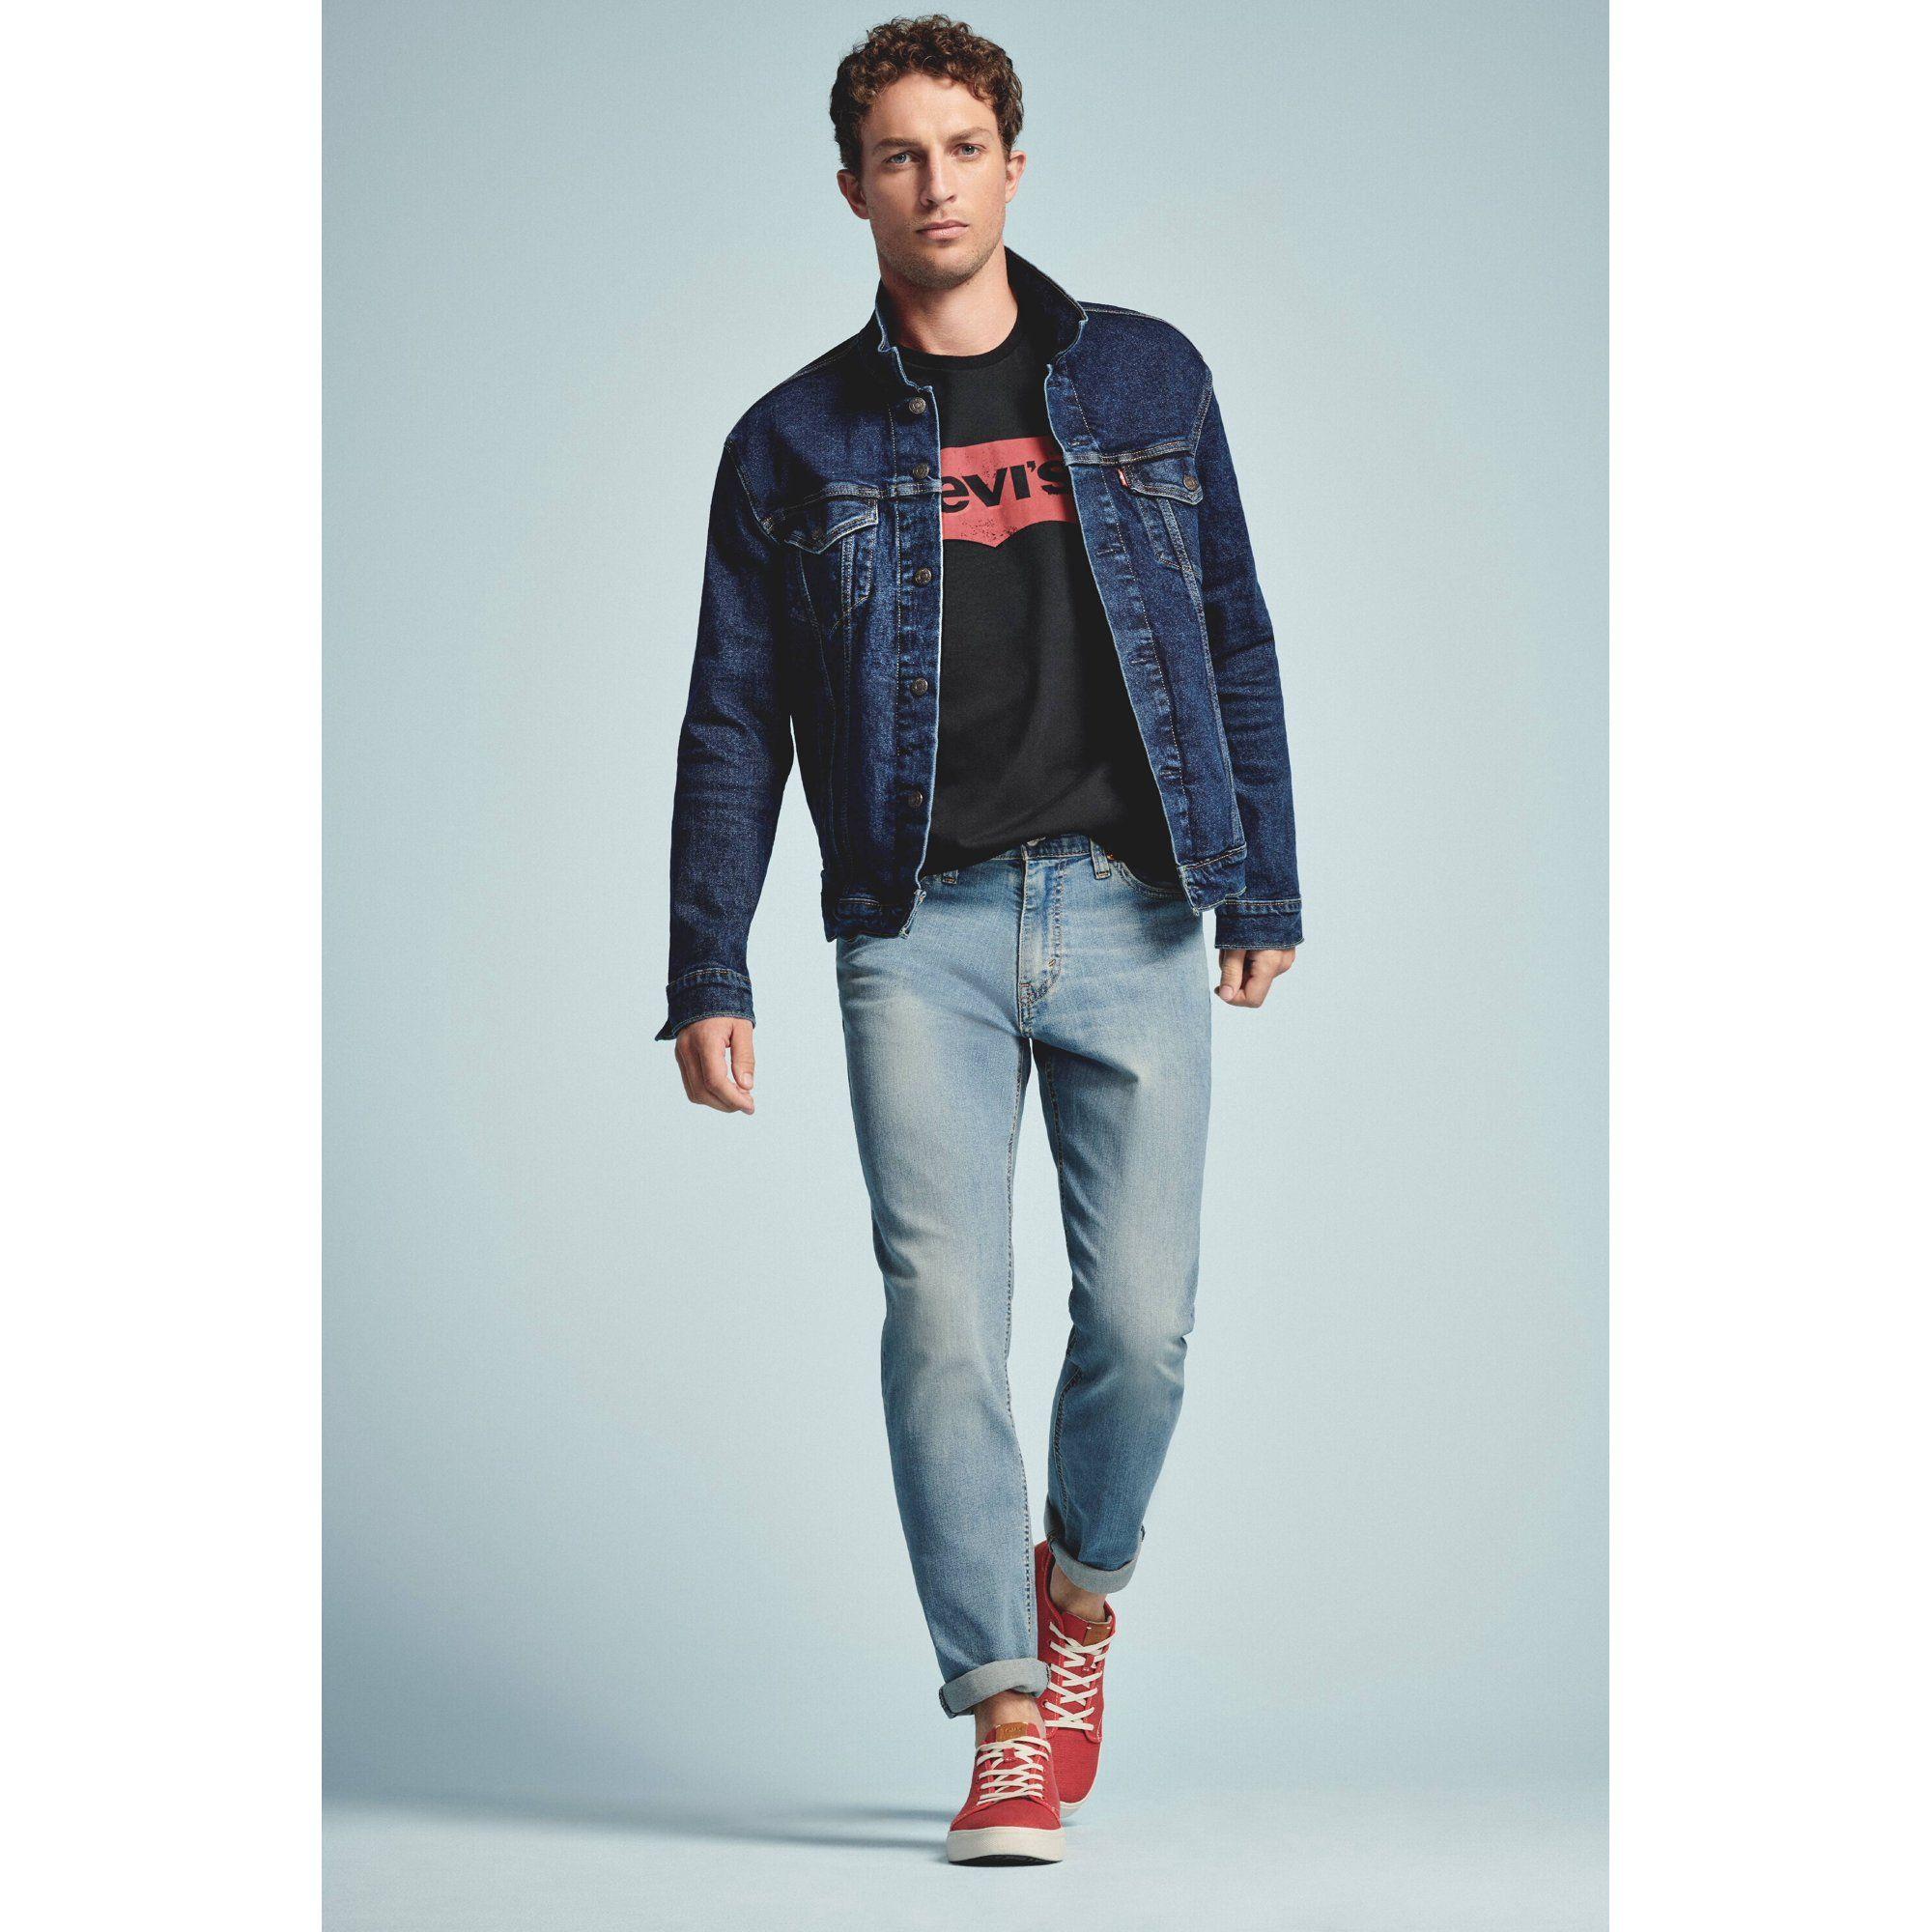 Levi S Levi S Men S Denim Trucker Jacket Walmart Com Walmart Com Denim Jacket Fashion Trucker Jacket Jackets [ 2000 x 2000 Pixel ]